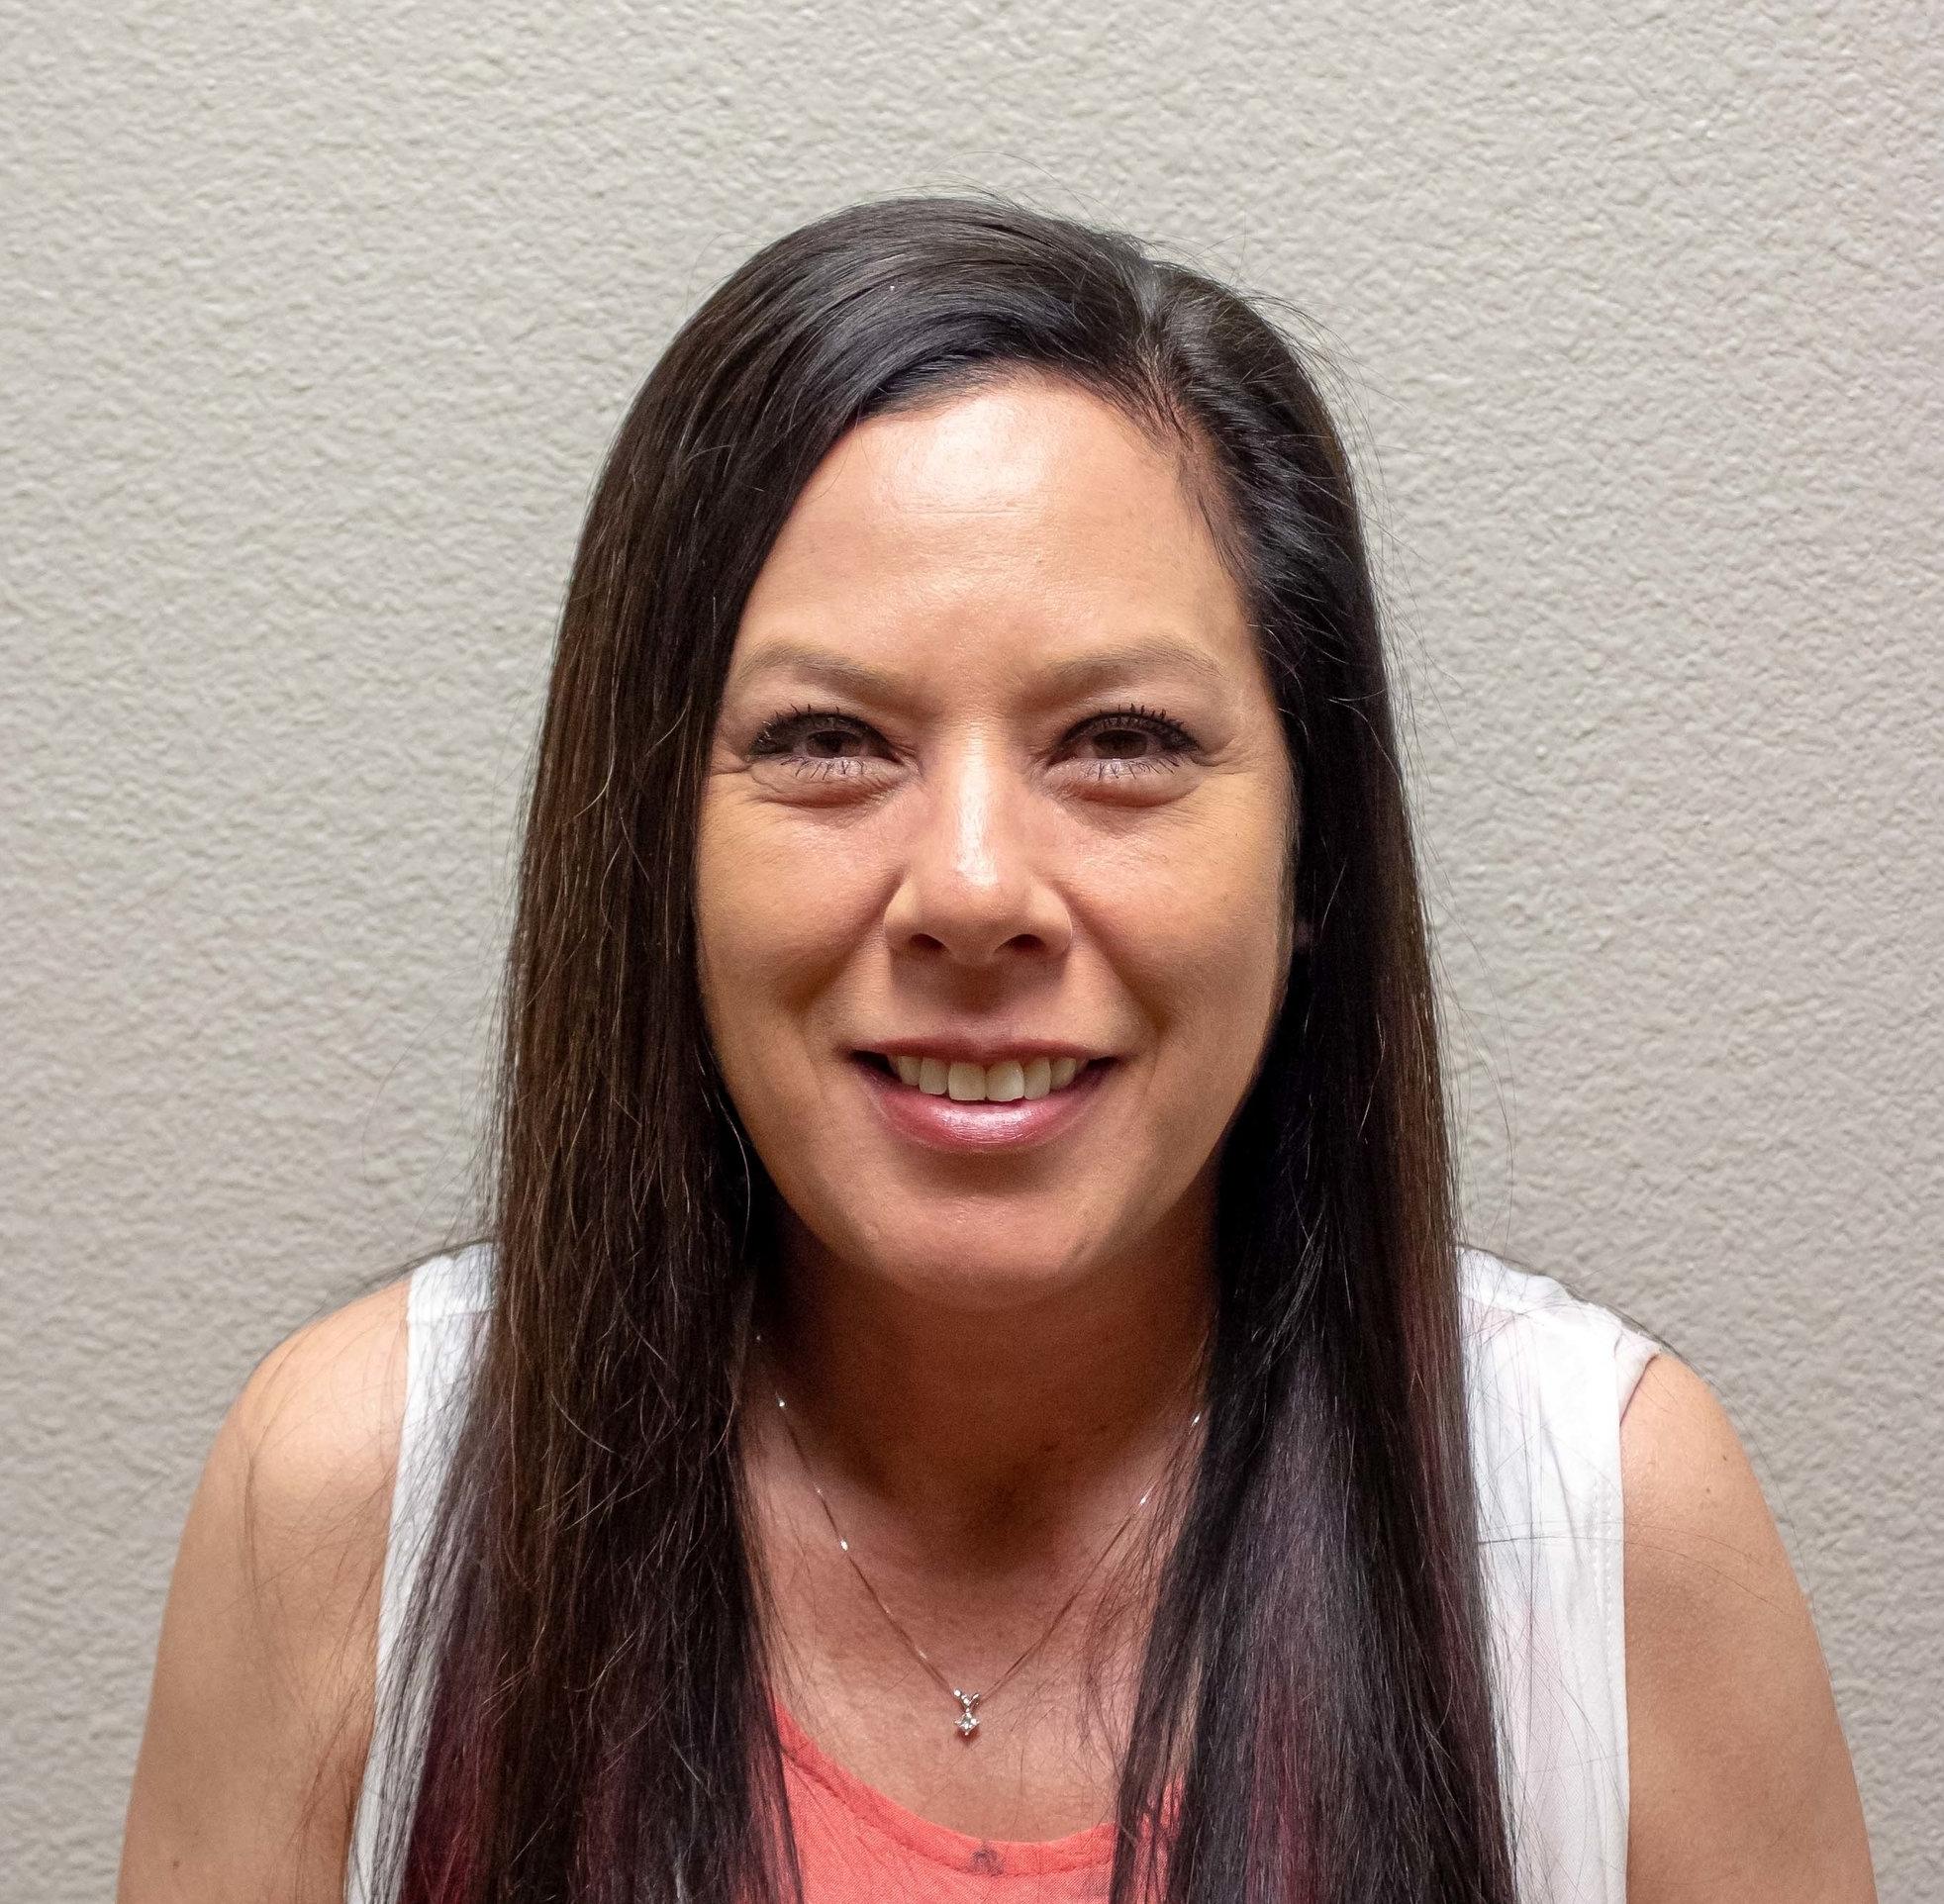 Alisha McGuire